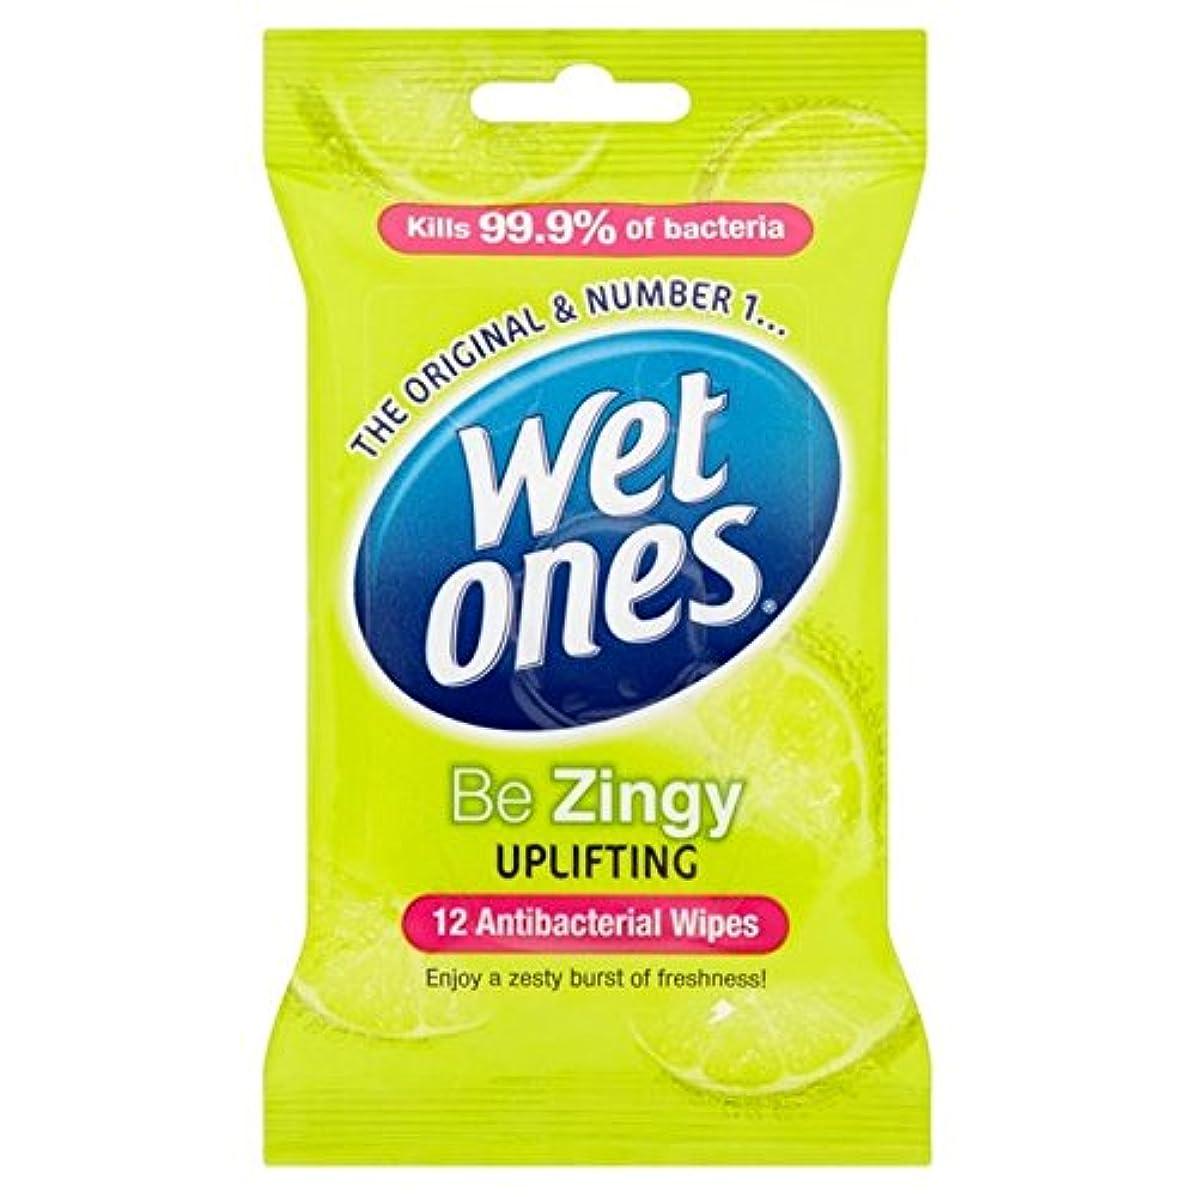 効能同級生雄弁な抗バクテリアをクレンジング湿ったものはパックごとに12ワイプ x2 - Wet Ones Cleansing Anti Bacterial Wipes 12 per pack (Pack of 2) [並行輸入品]